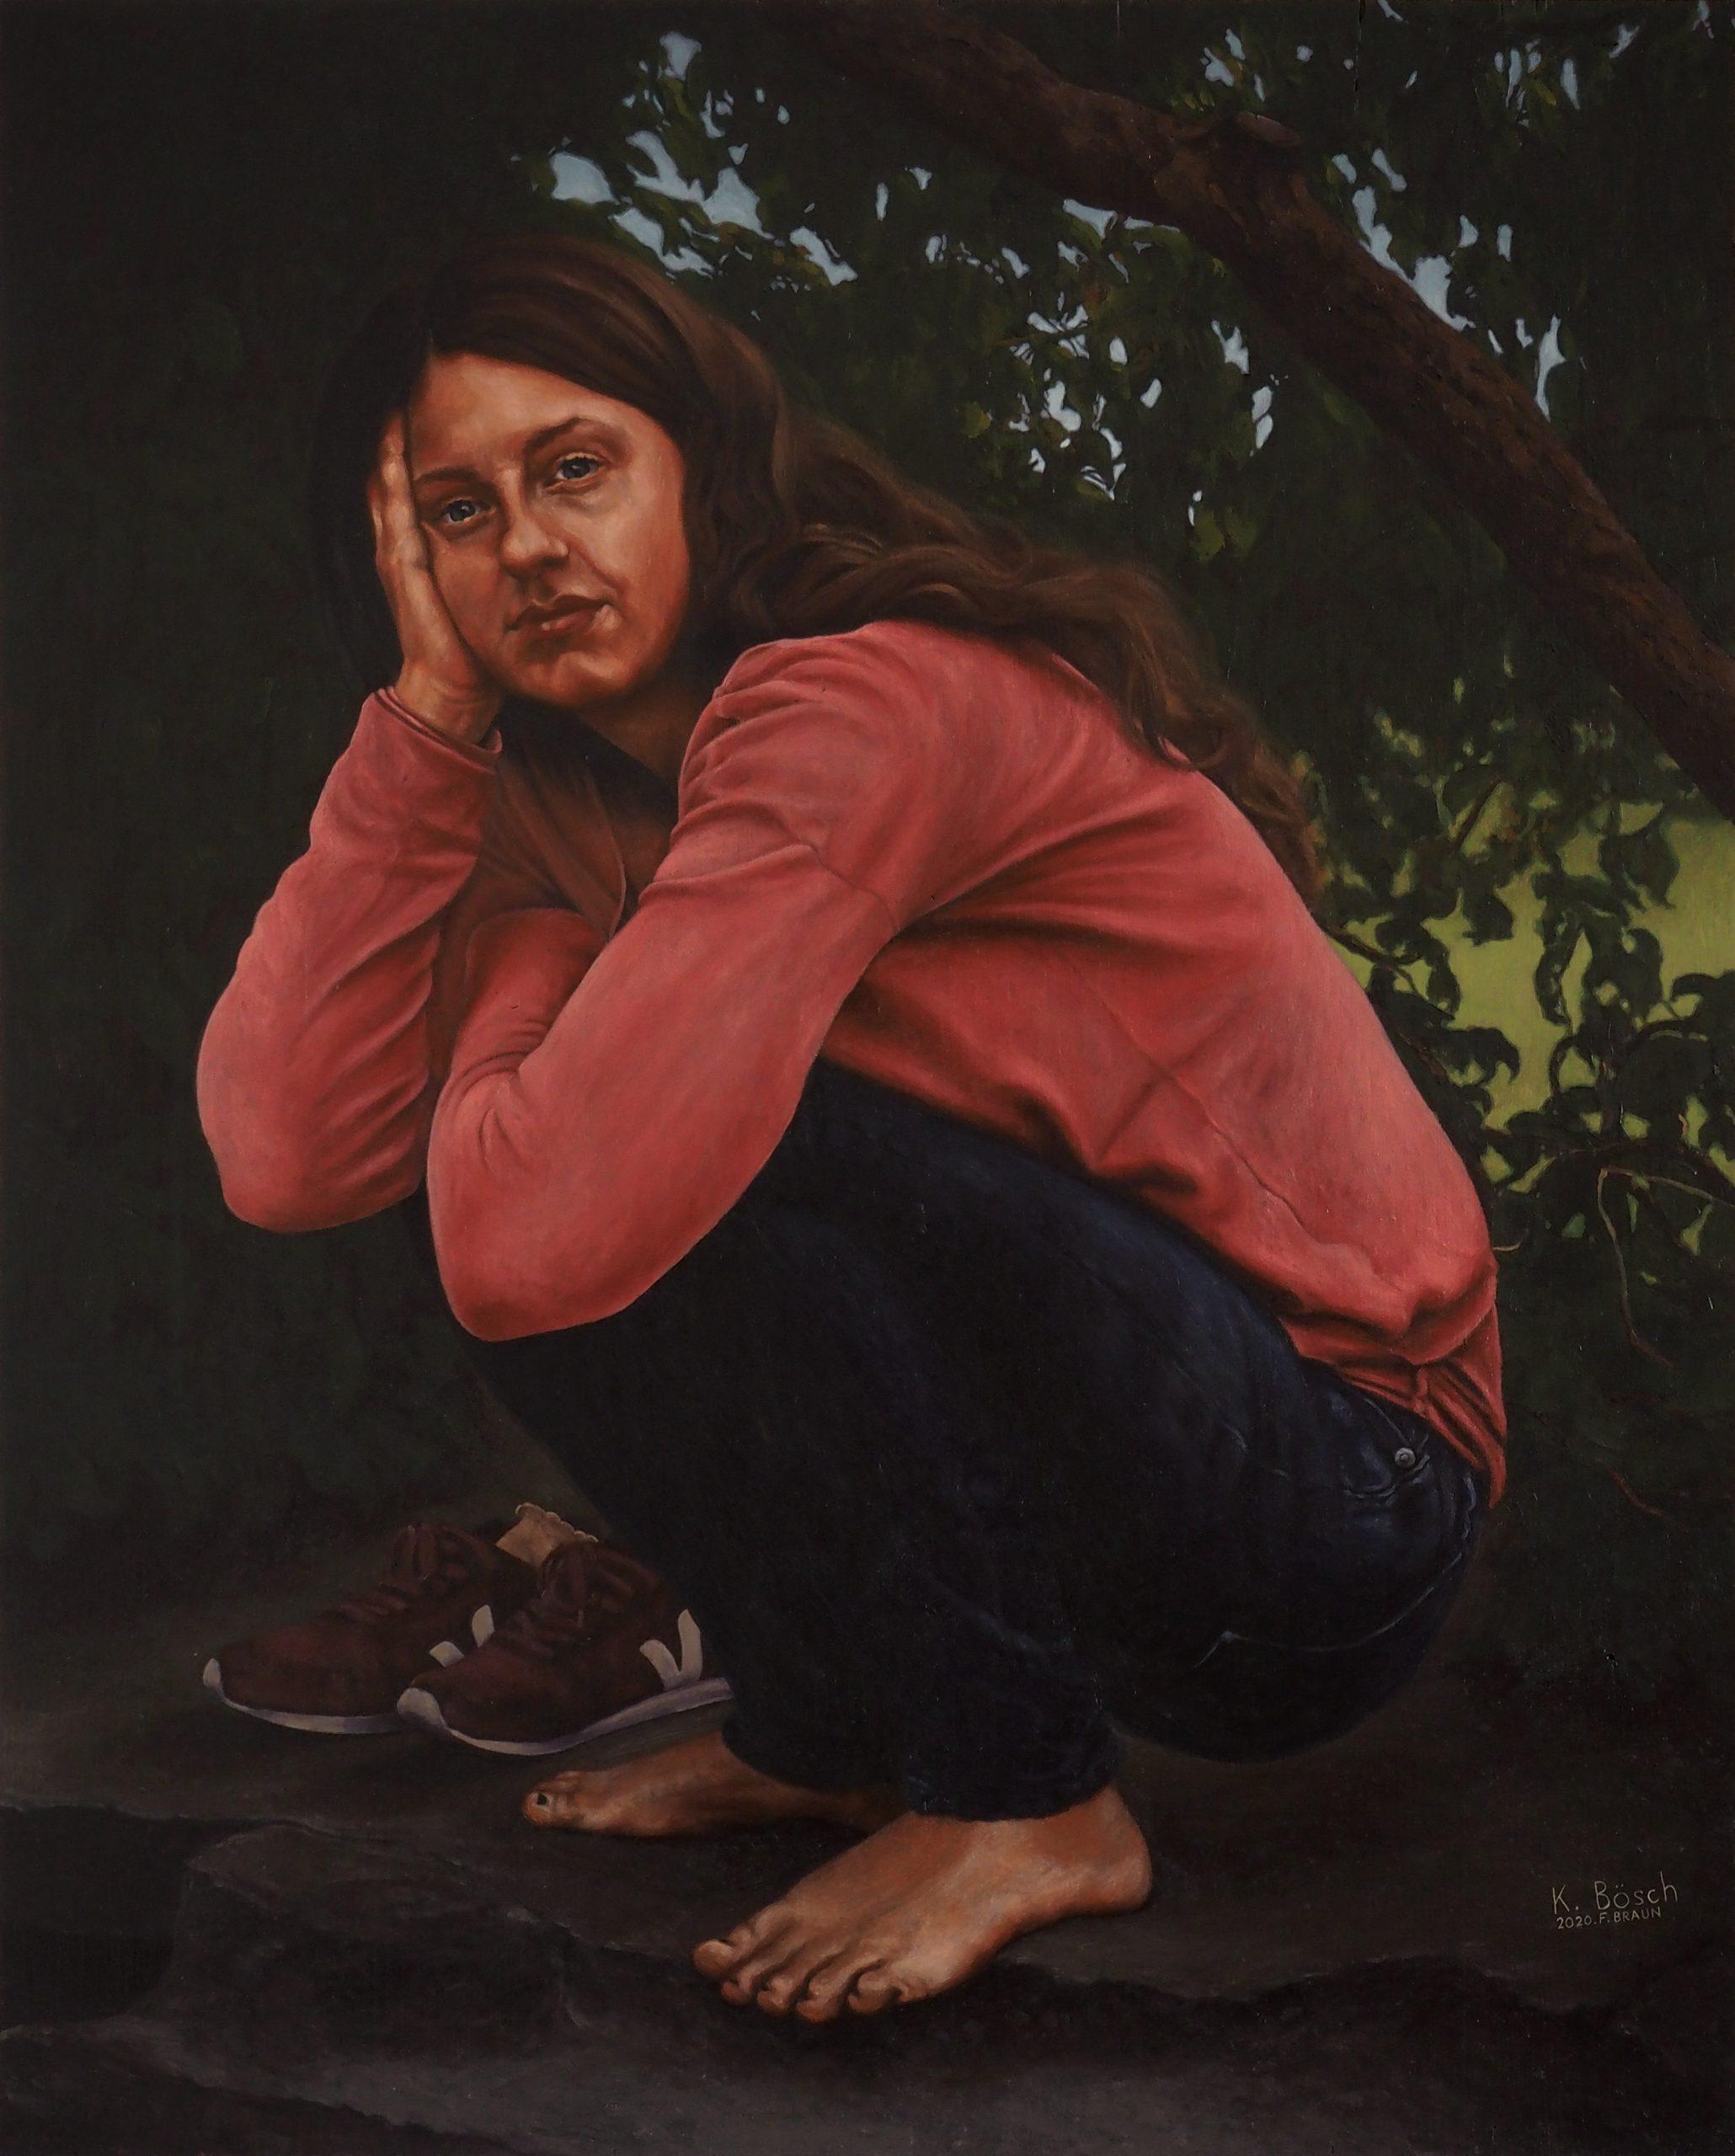 Franz Braun, Portrait Katharina Boesch, 2020, oil on wood, 57 x 46 cm